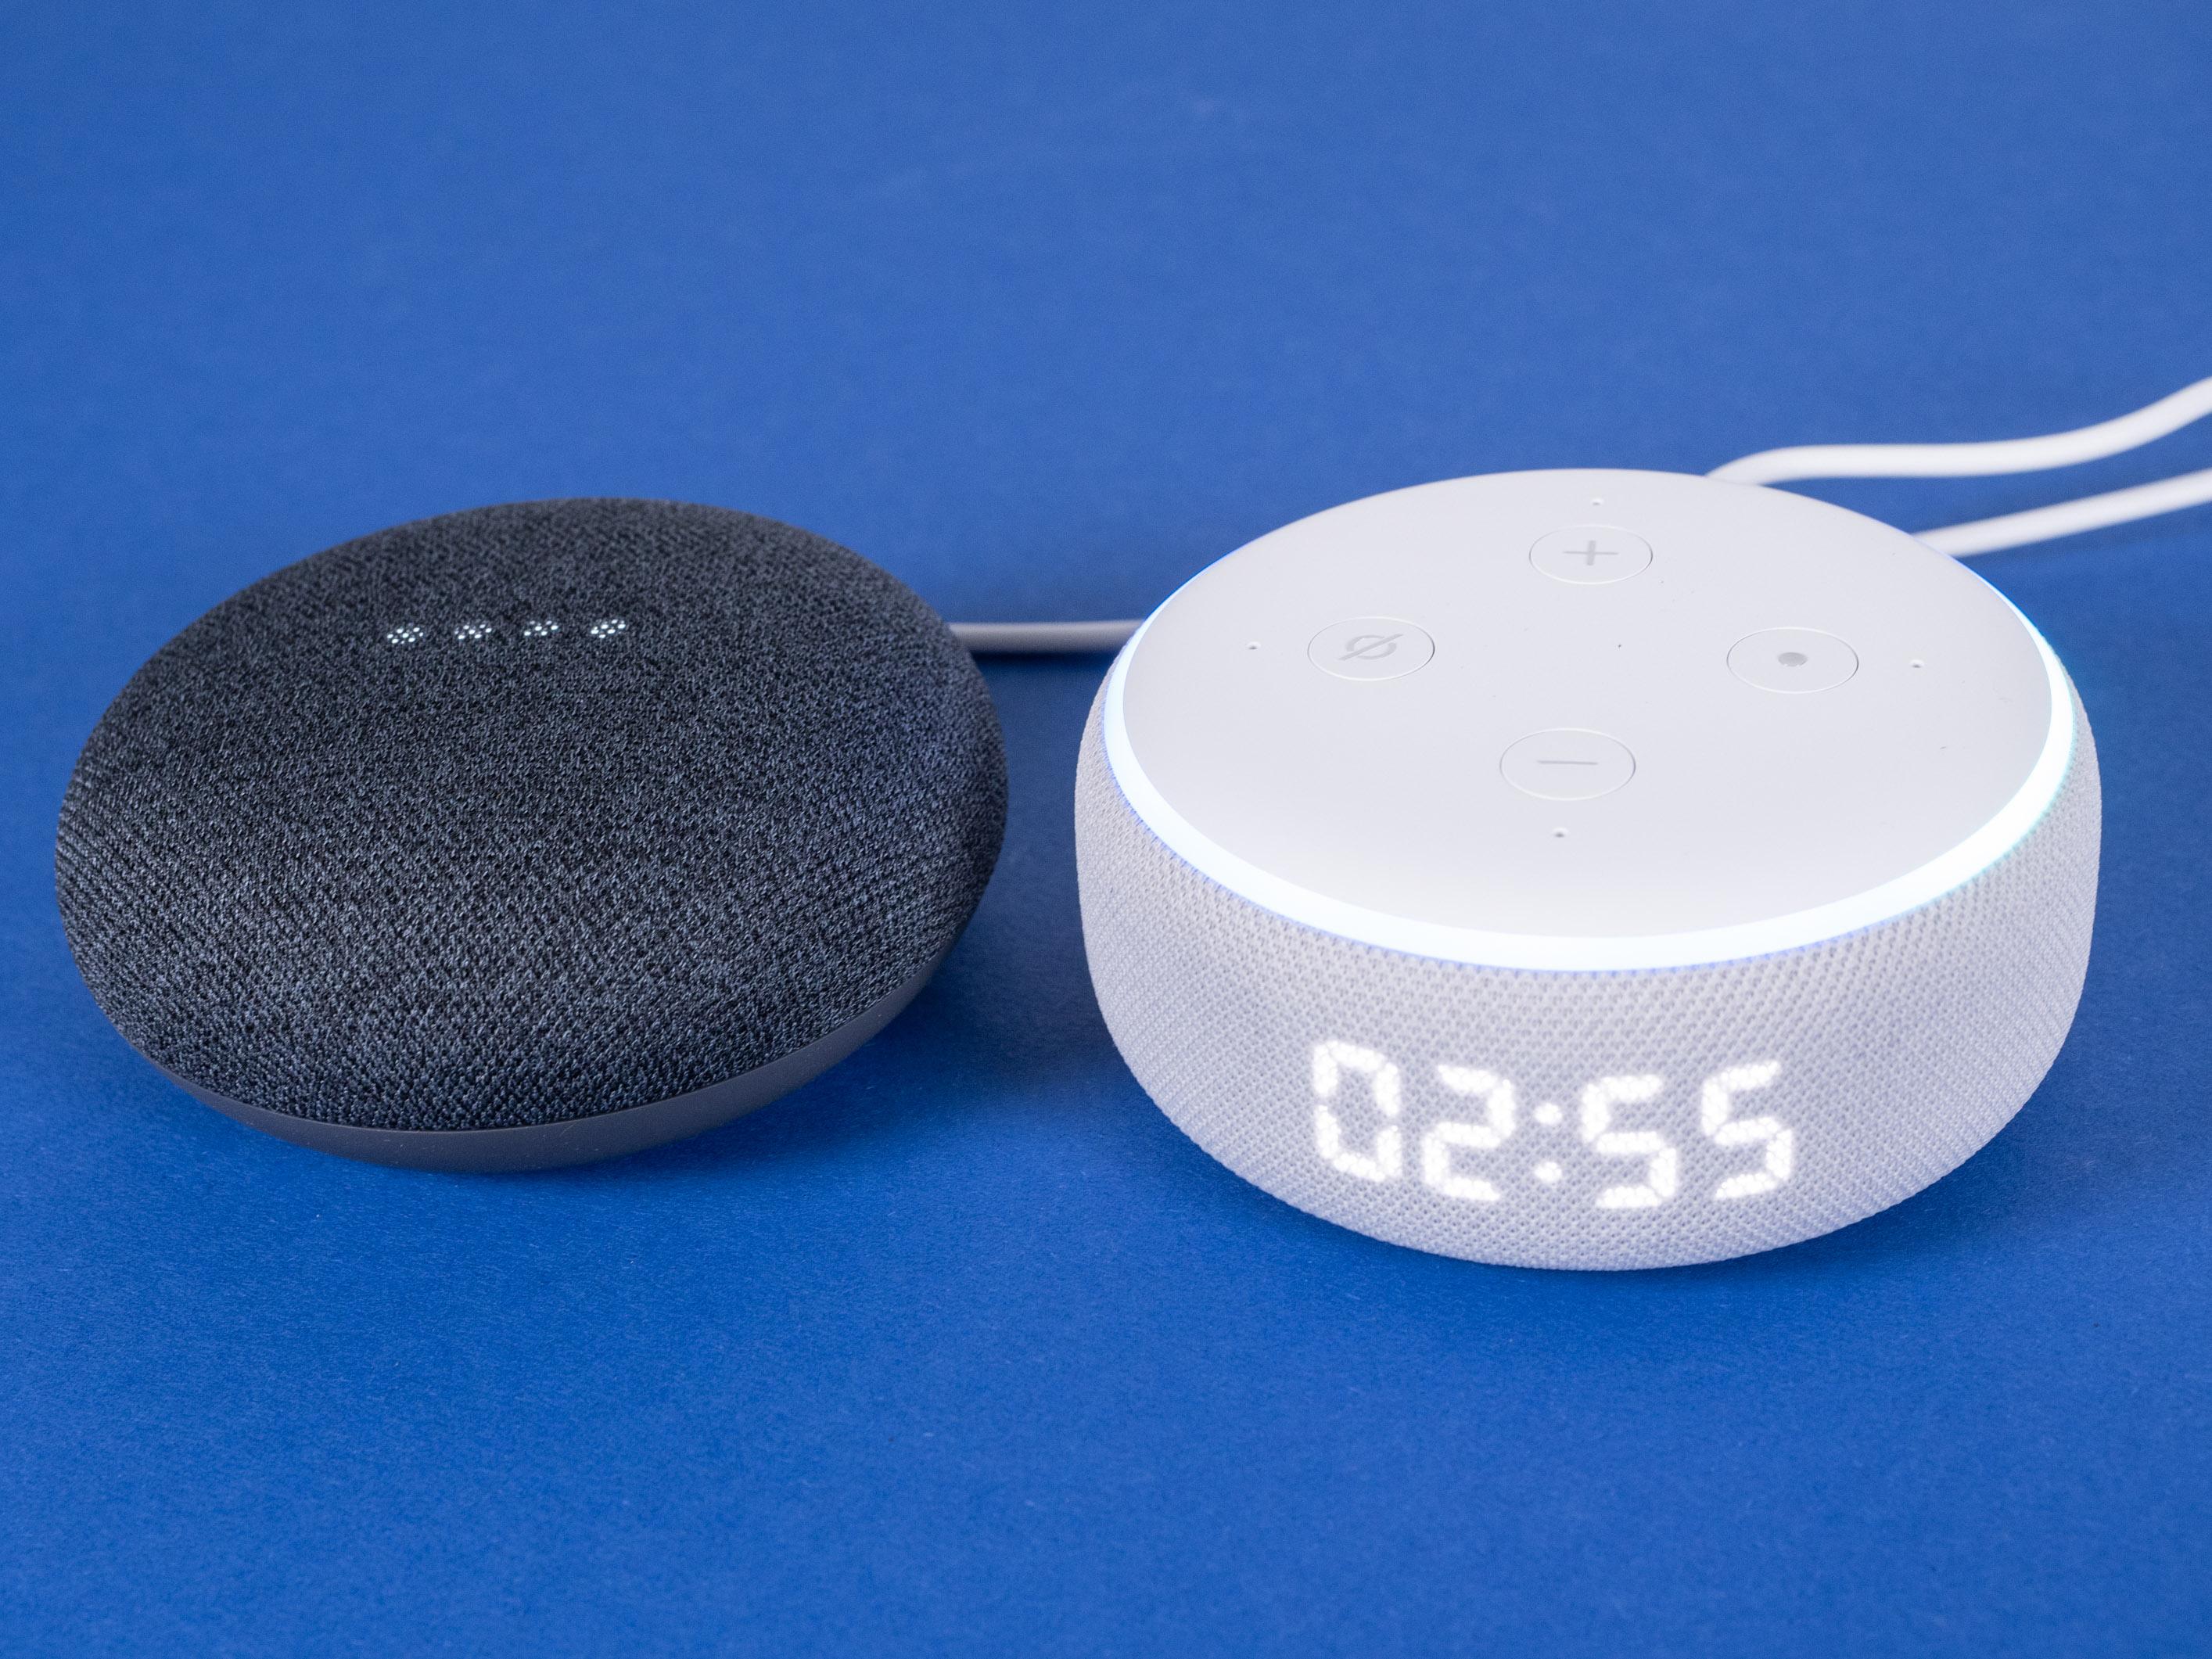 Echo Dot mit Uhr und Nest Mini im Test: Amazon hängt Google ab - Nest Mini und daneben Echo Dot mit Uhr (Bild: Martin Wolf/Golem.de)